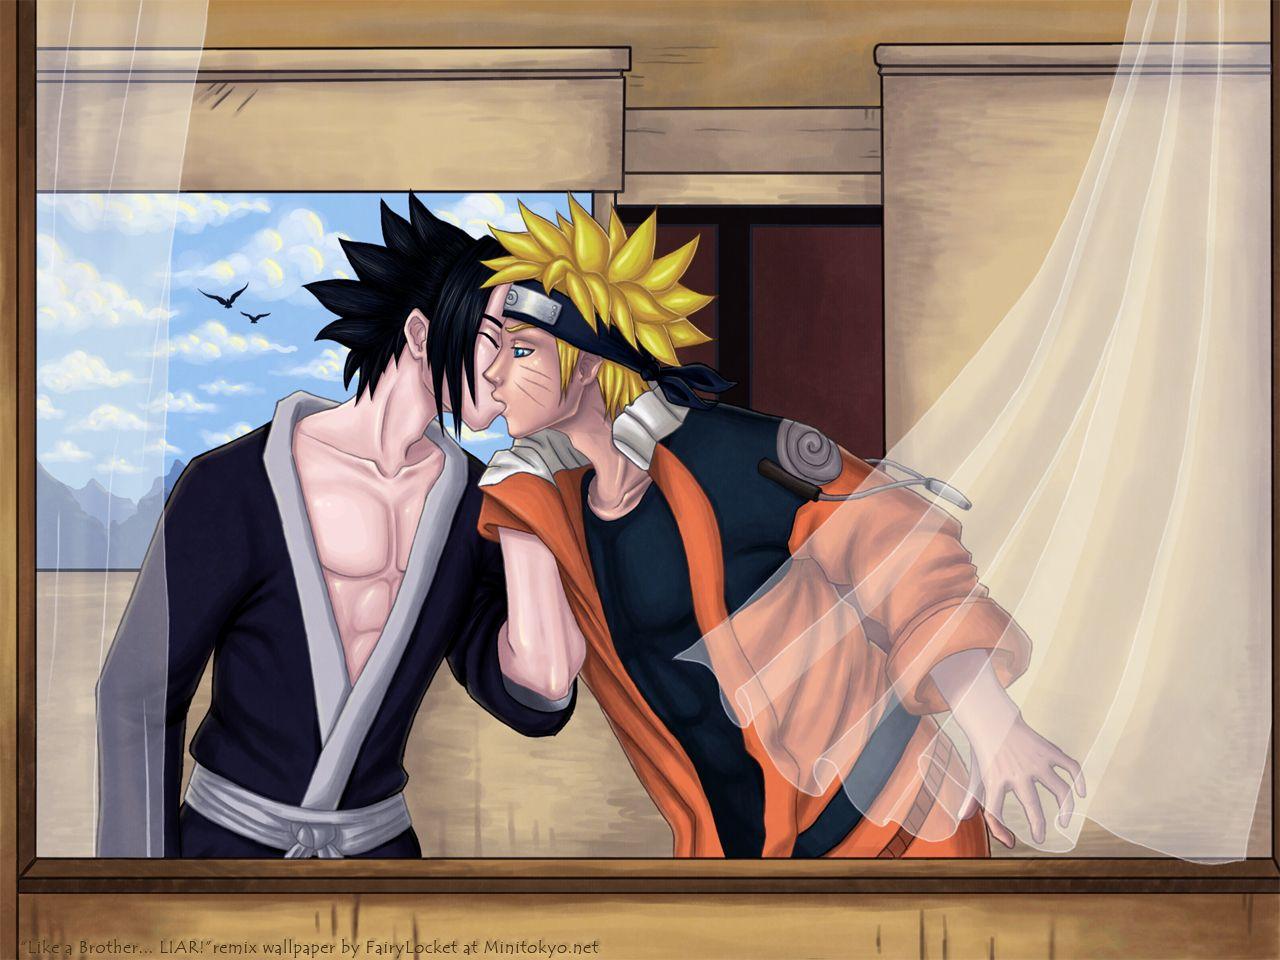 Fantastic Wallpaper Naruto Love - c4f0d219147084a55e513983701dc925  Collection_35999.jpg